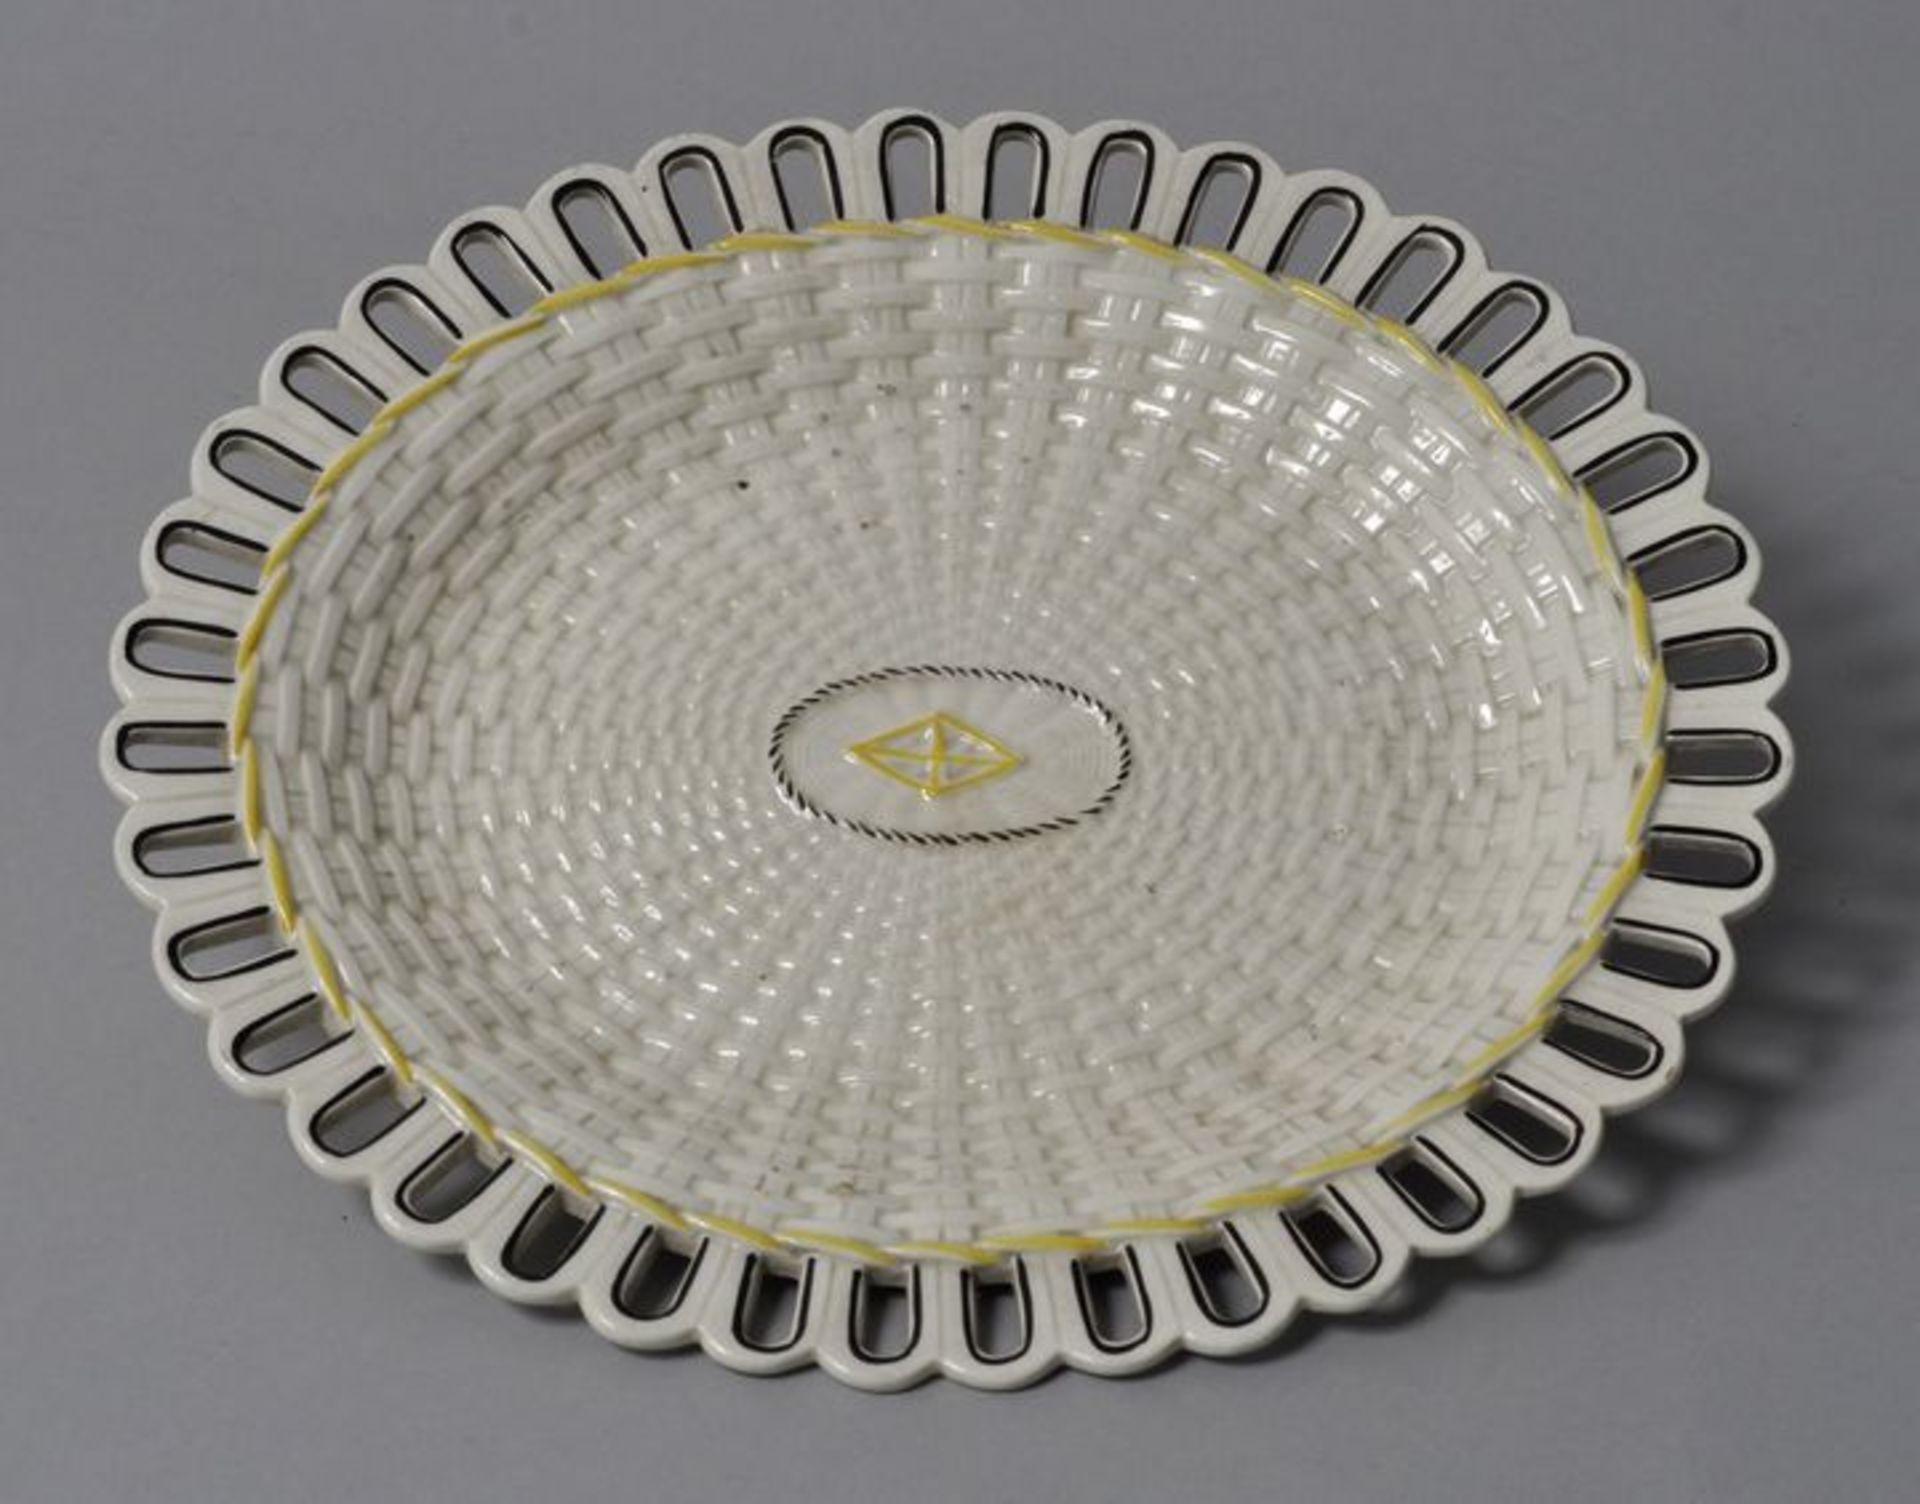 Los 5 - Ovale Platte, wohl Wedgwood, Anf. 19. Jh.Steingut. Flechtwerkdekor, durchbrochener Rand. In...